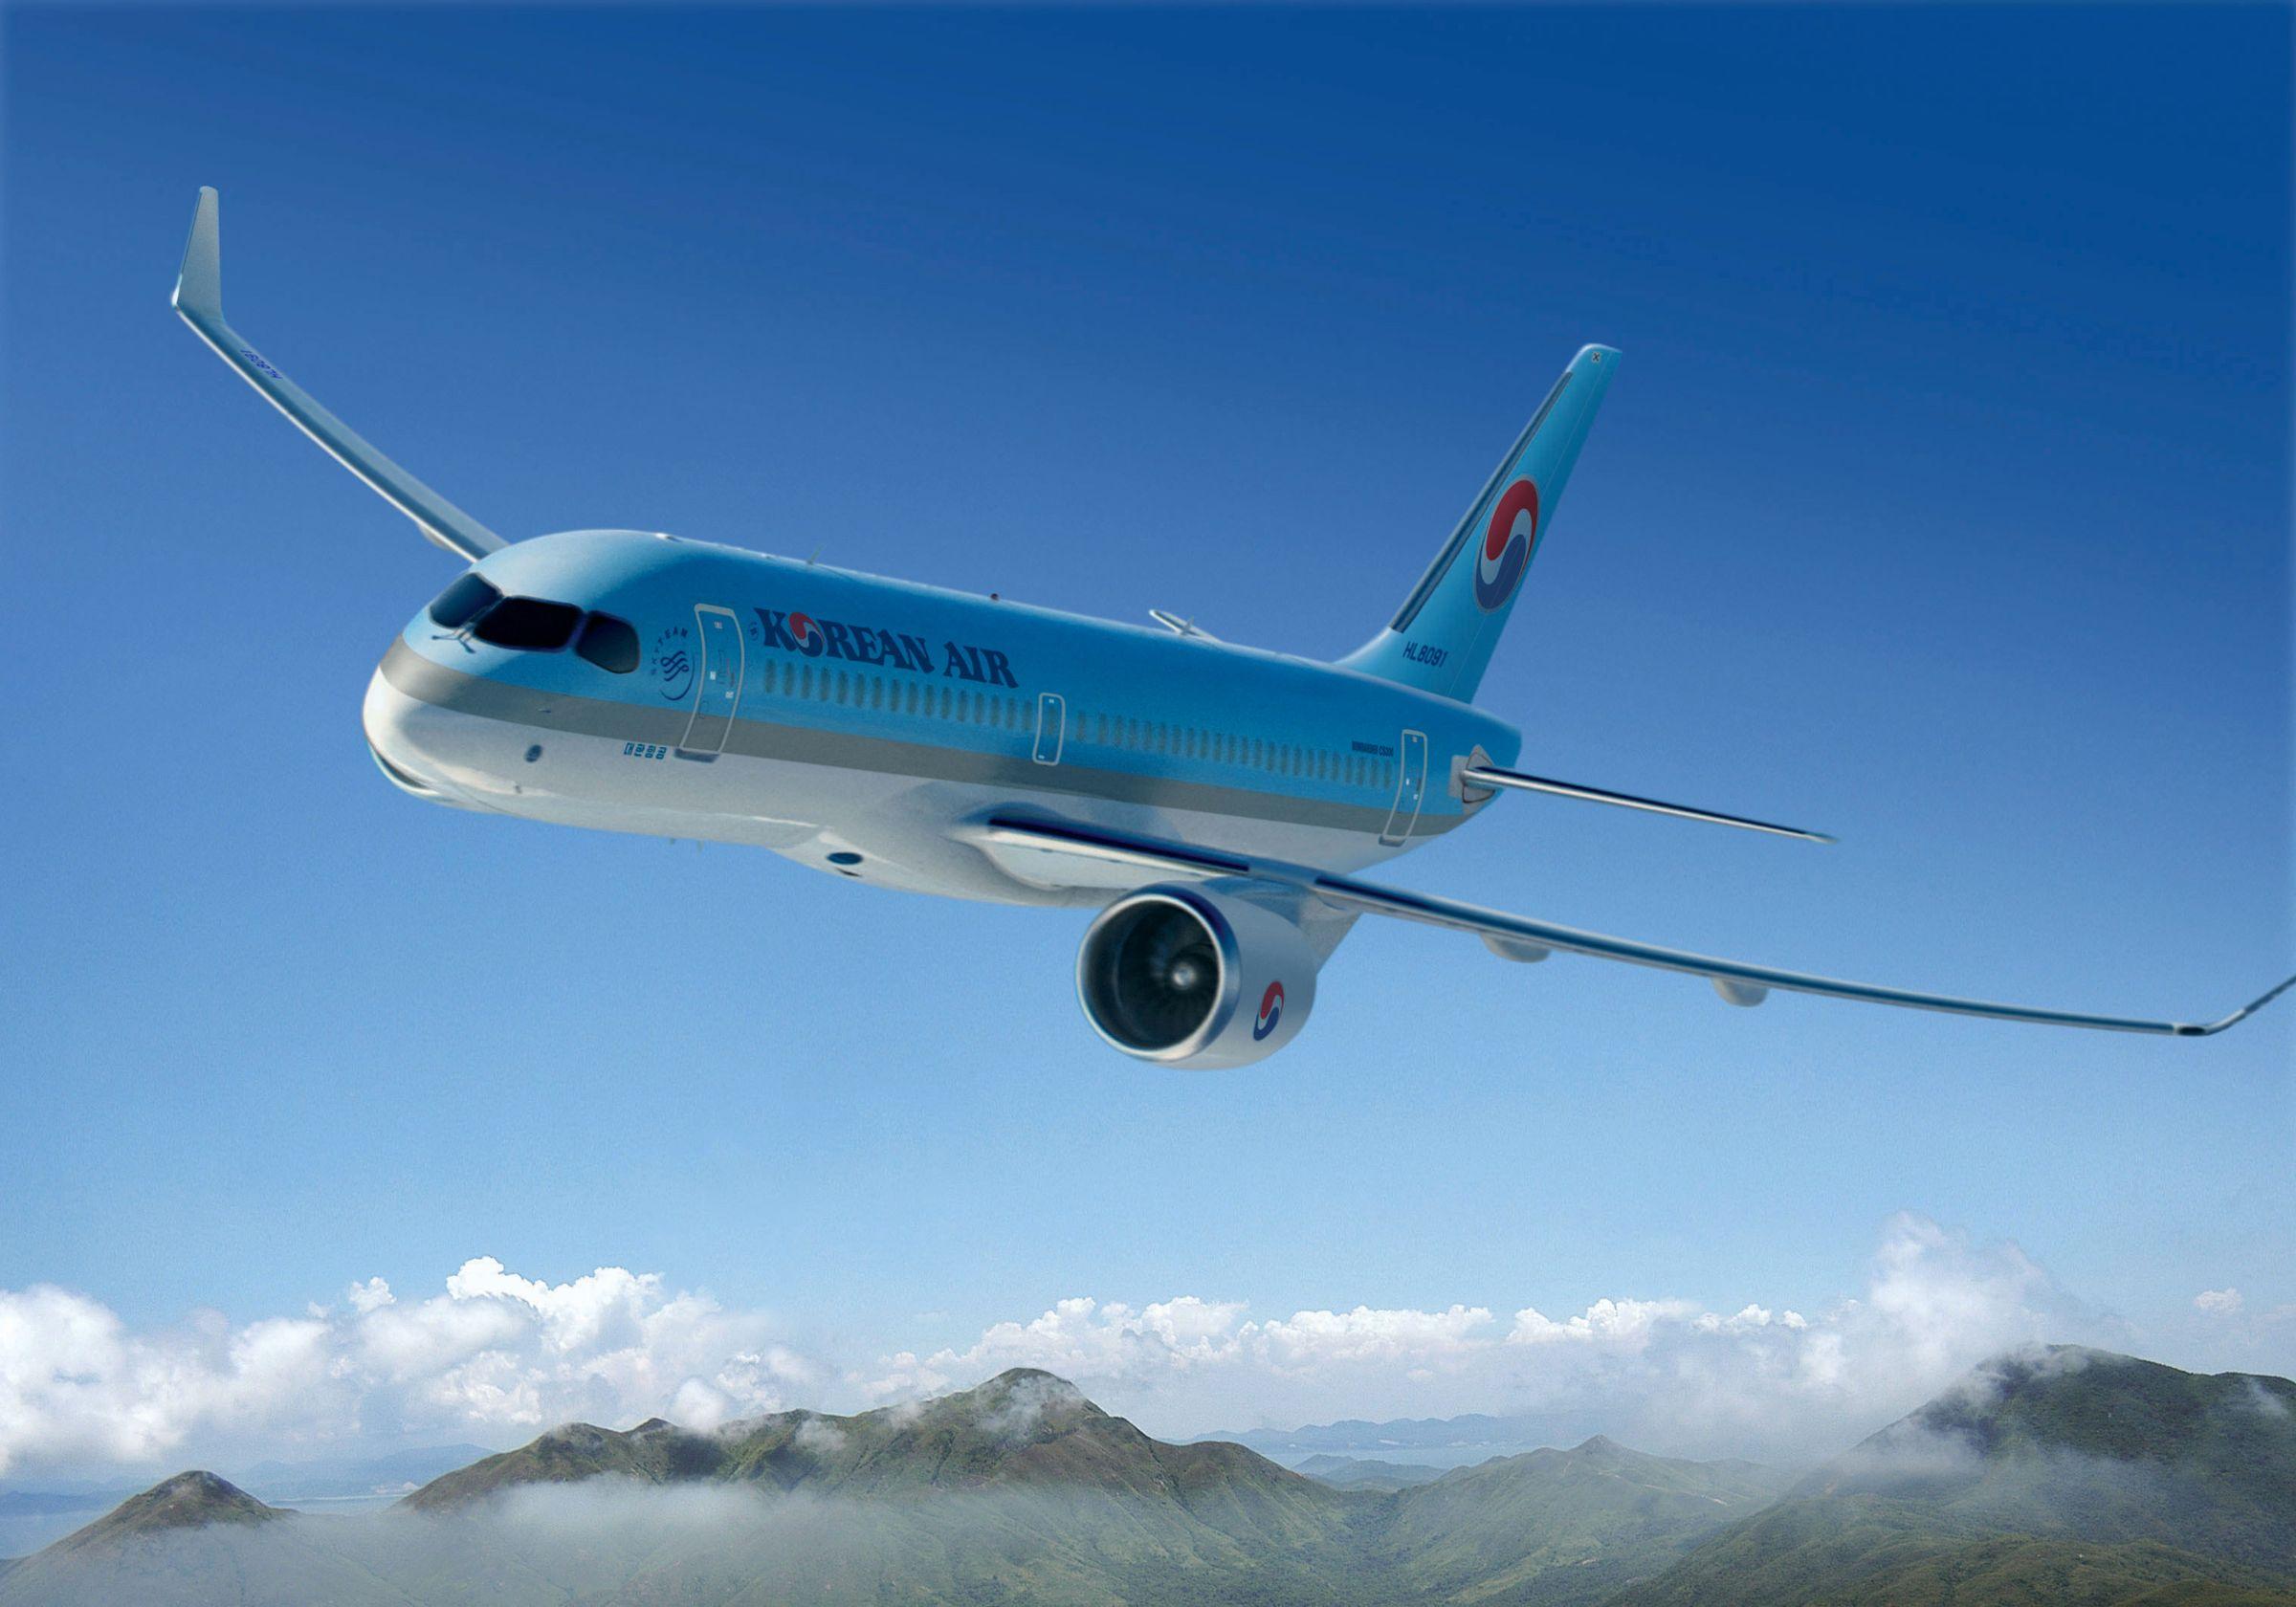 大韓航空 Korean Air  A220